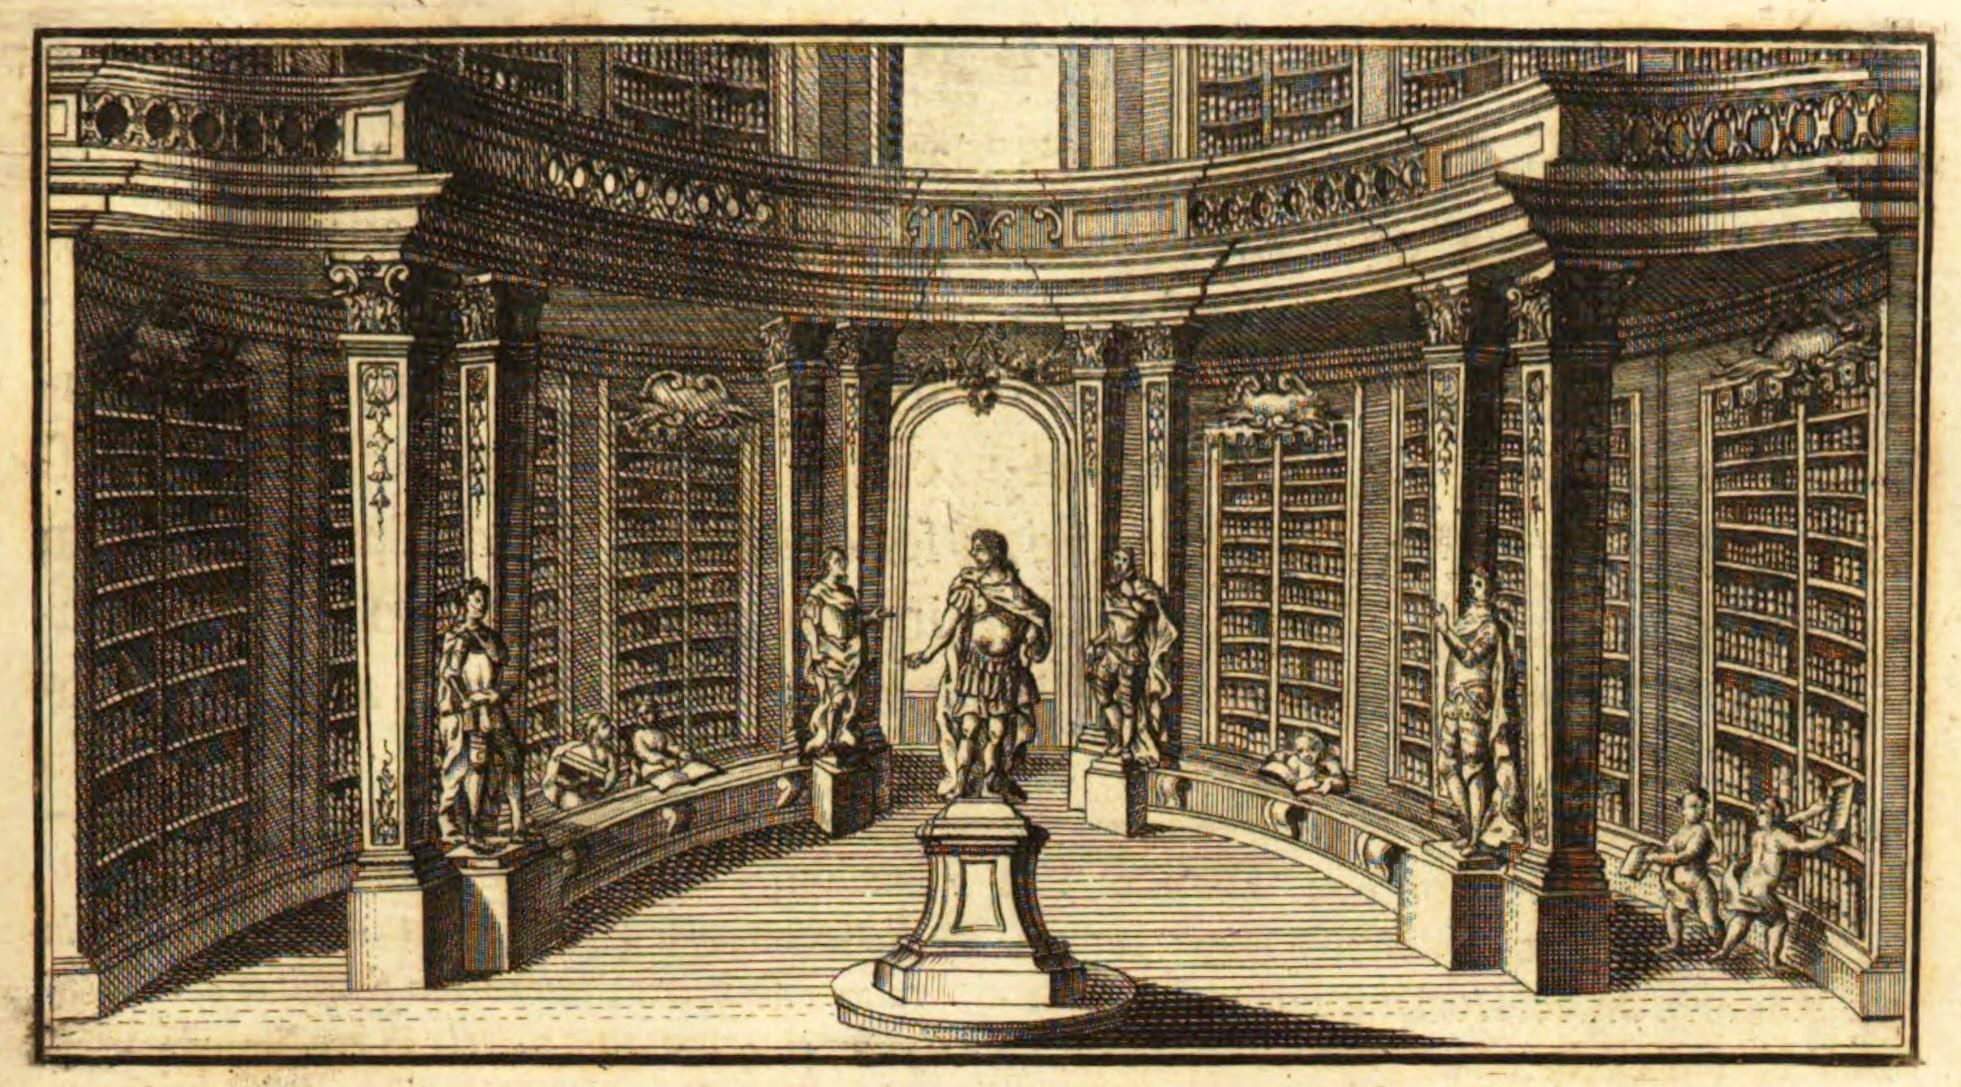 Prunksaal в XVIII в. (гравюра из собрания Австрийской национальной библиотеки)